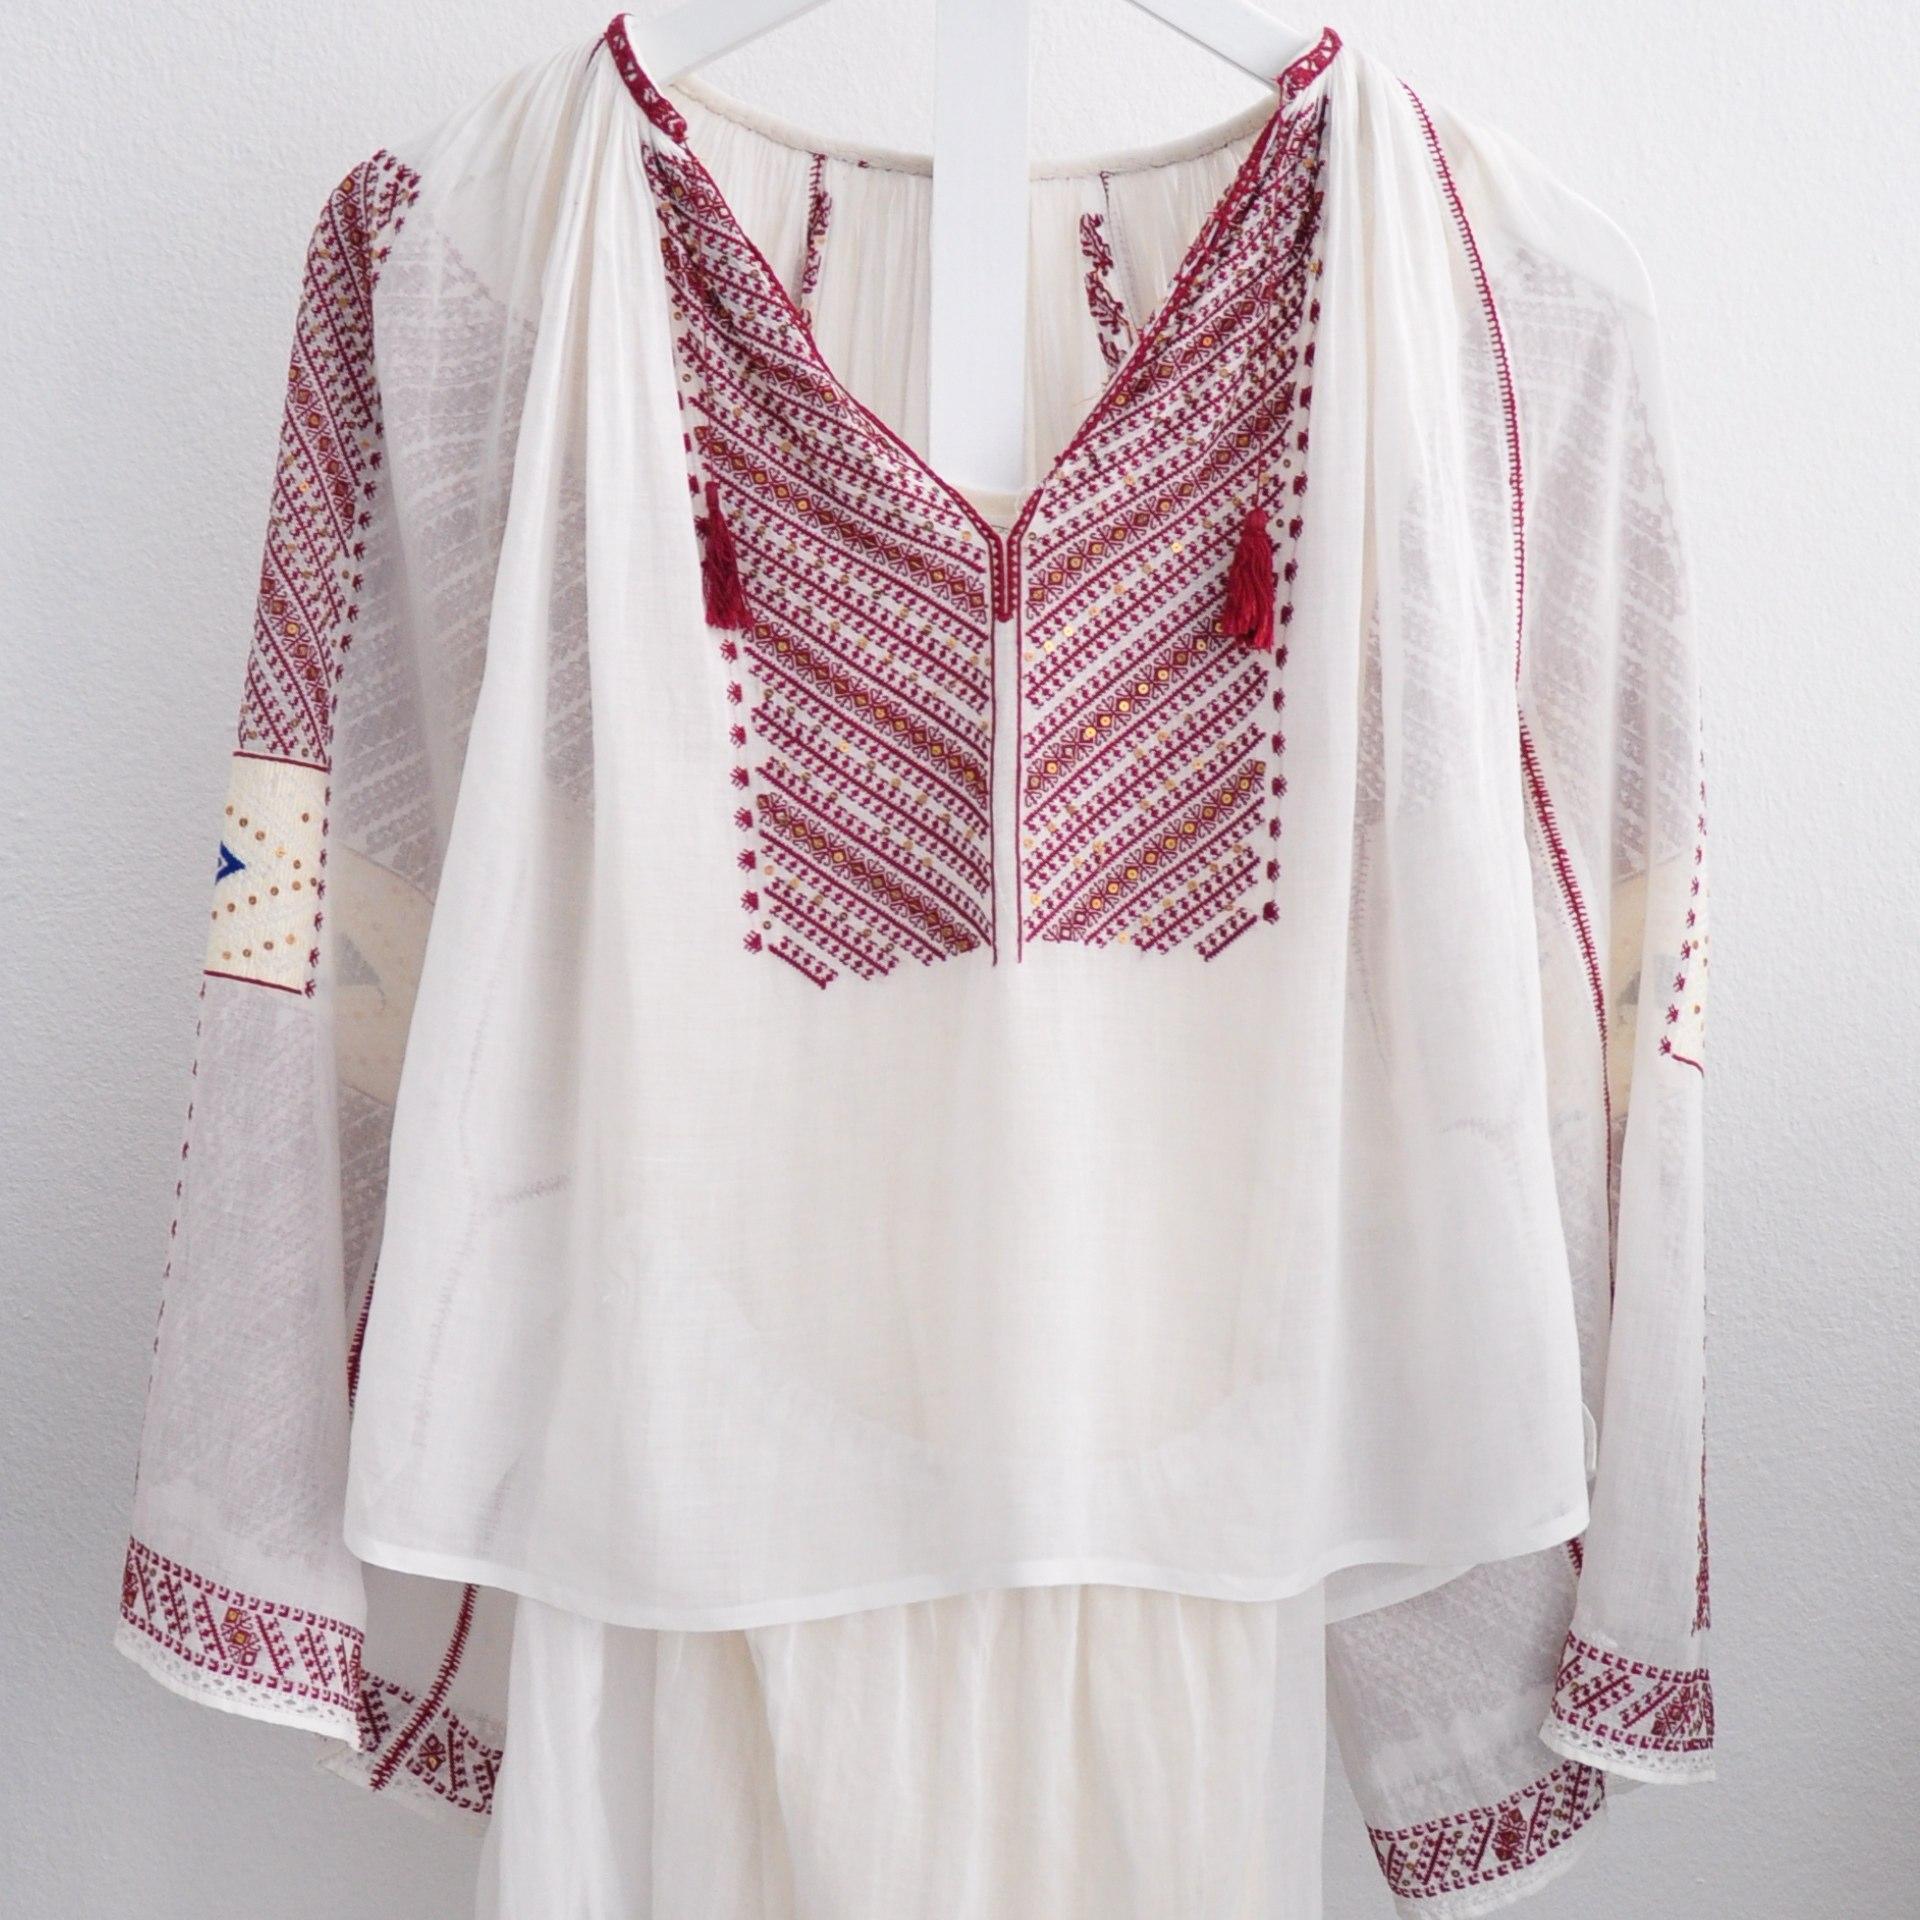 International-Wardrobe-Berlin-Folkloristische-Bluse-2